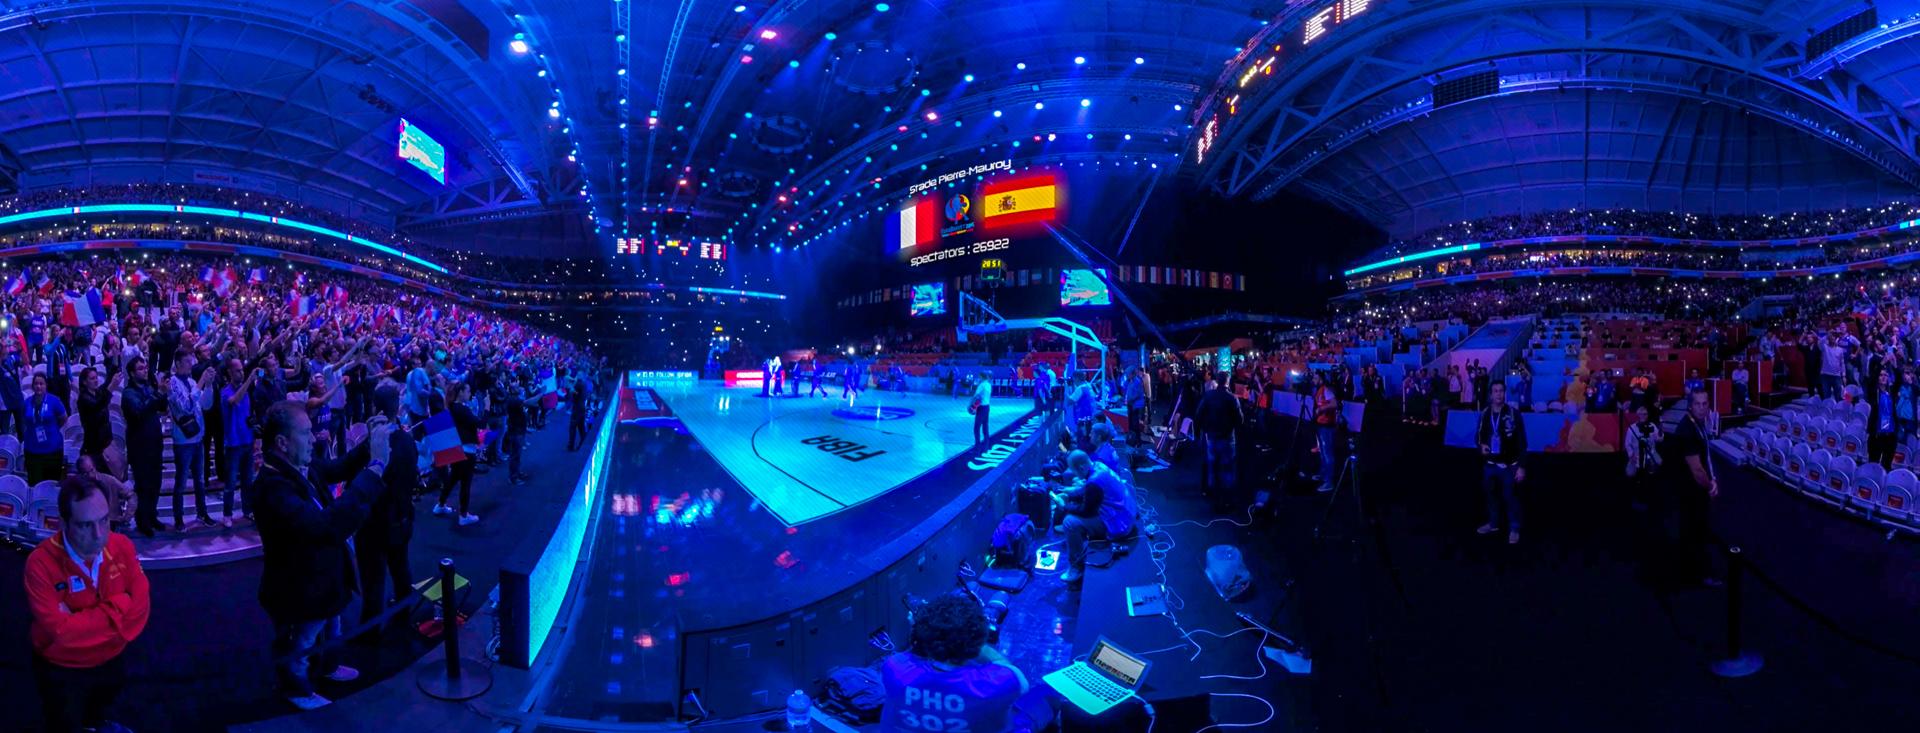 EuroBasket 2015 – VR